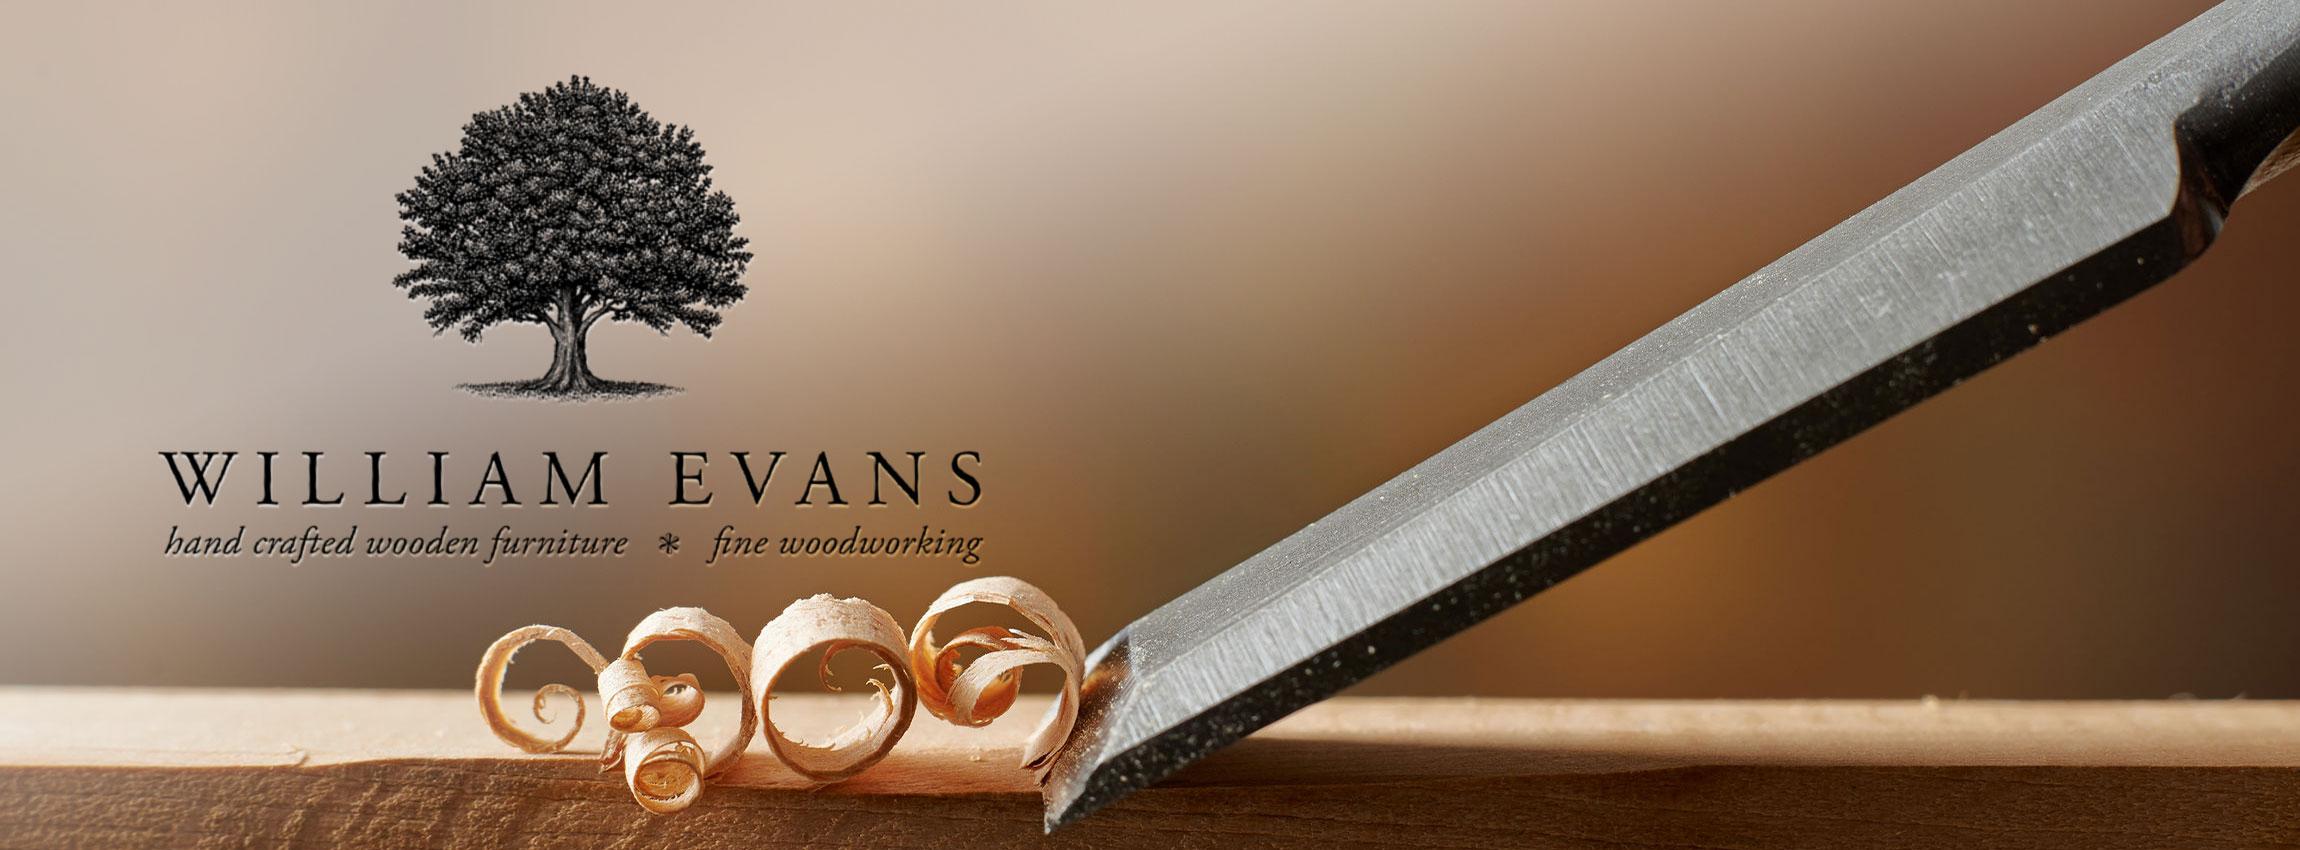 william-evans-header